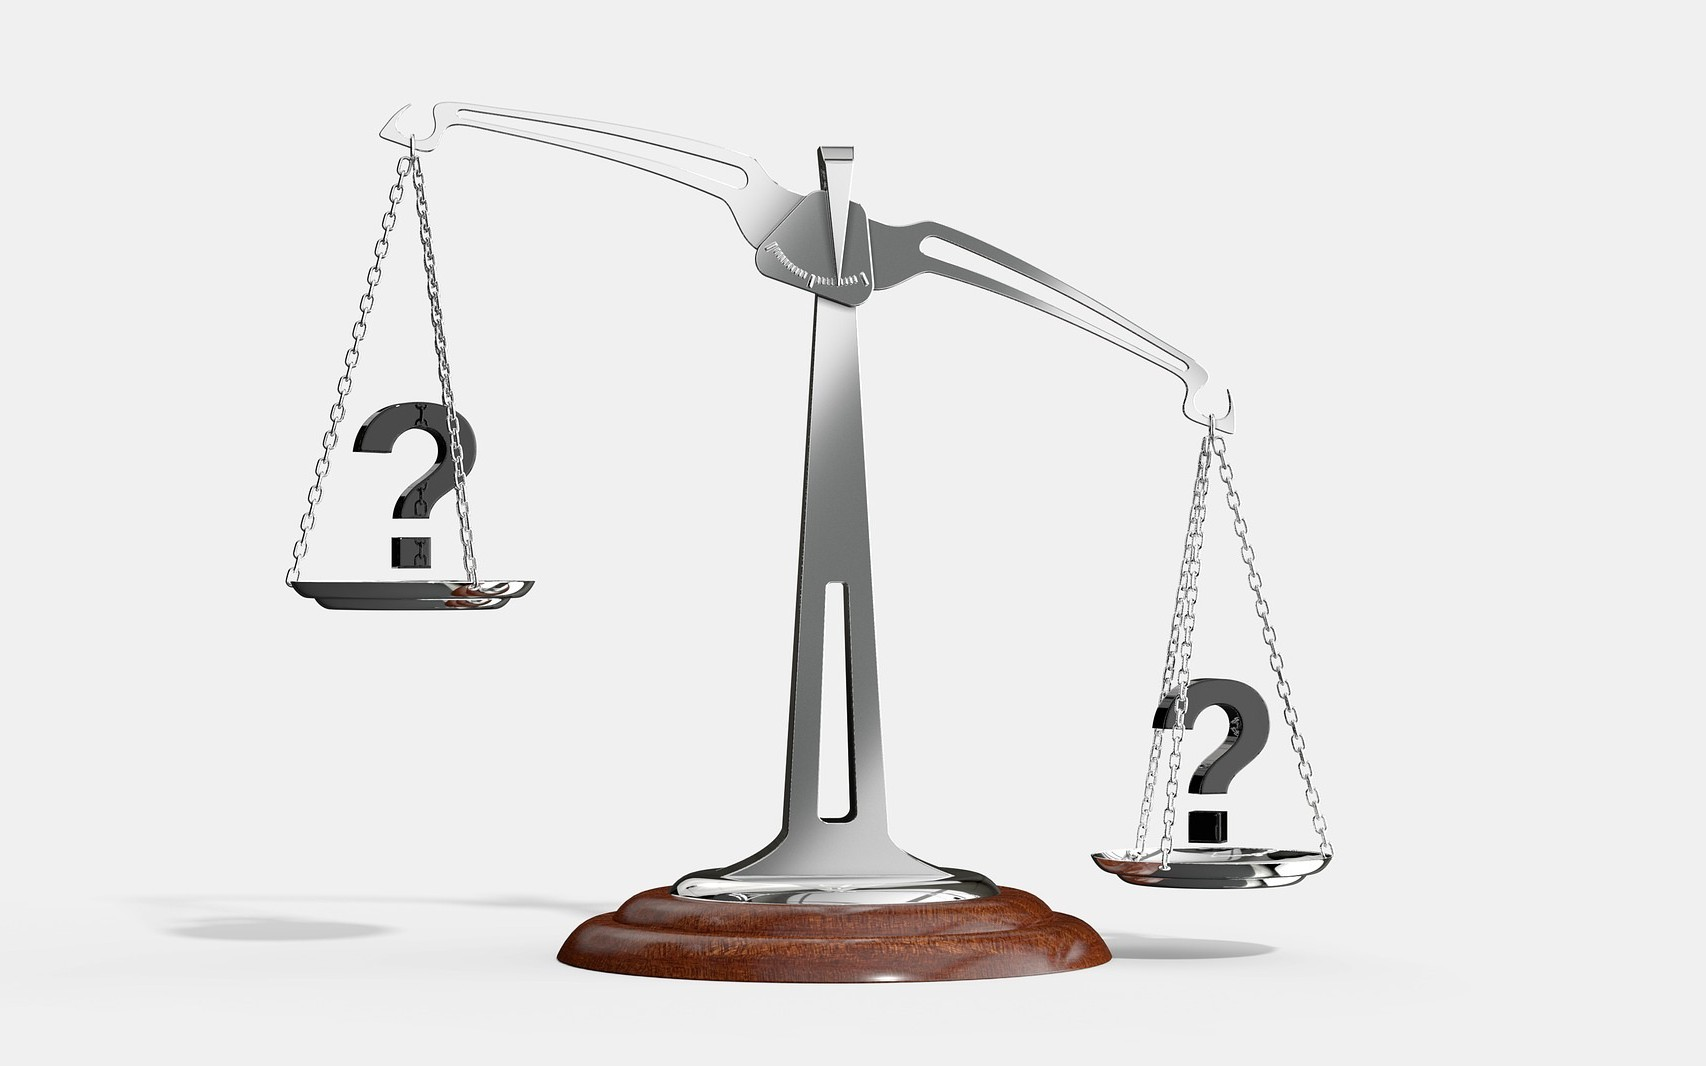 Kops vs. EKS: A Comparison Guide